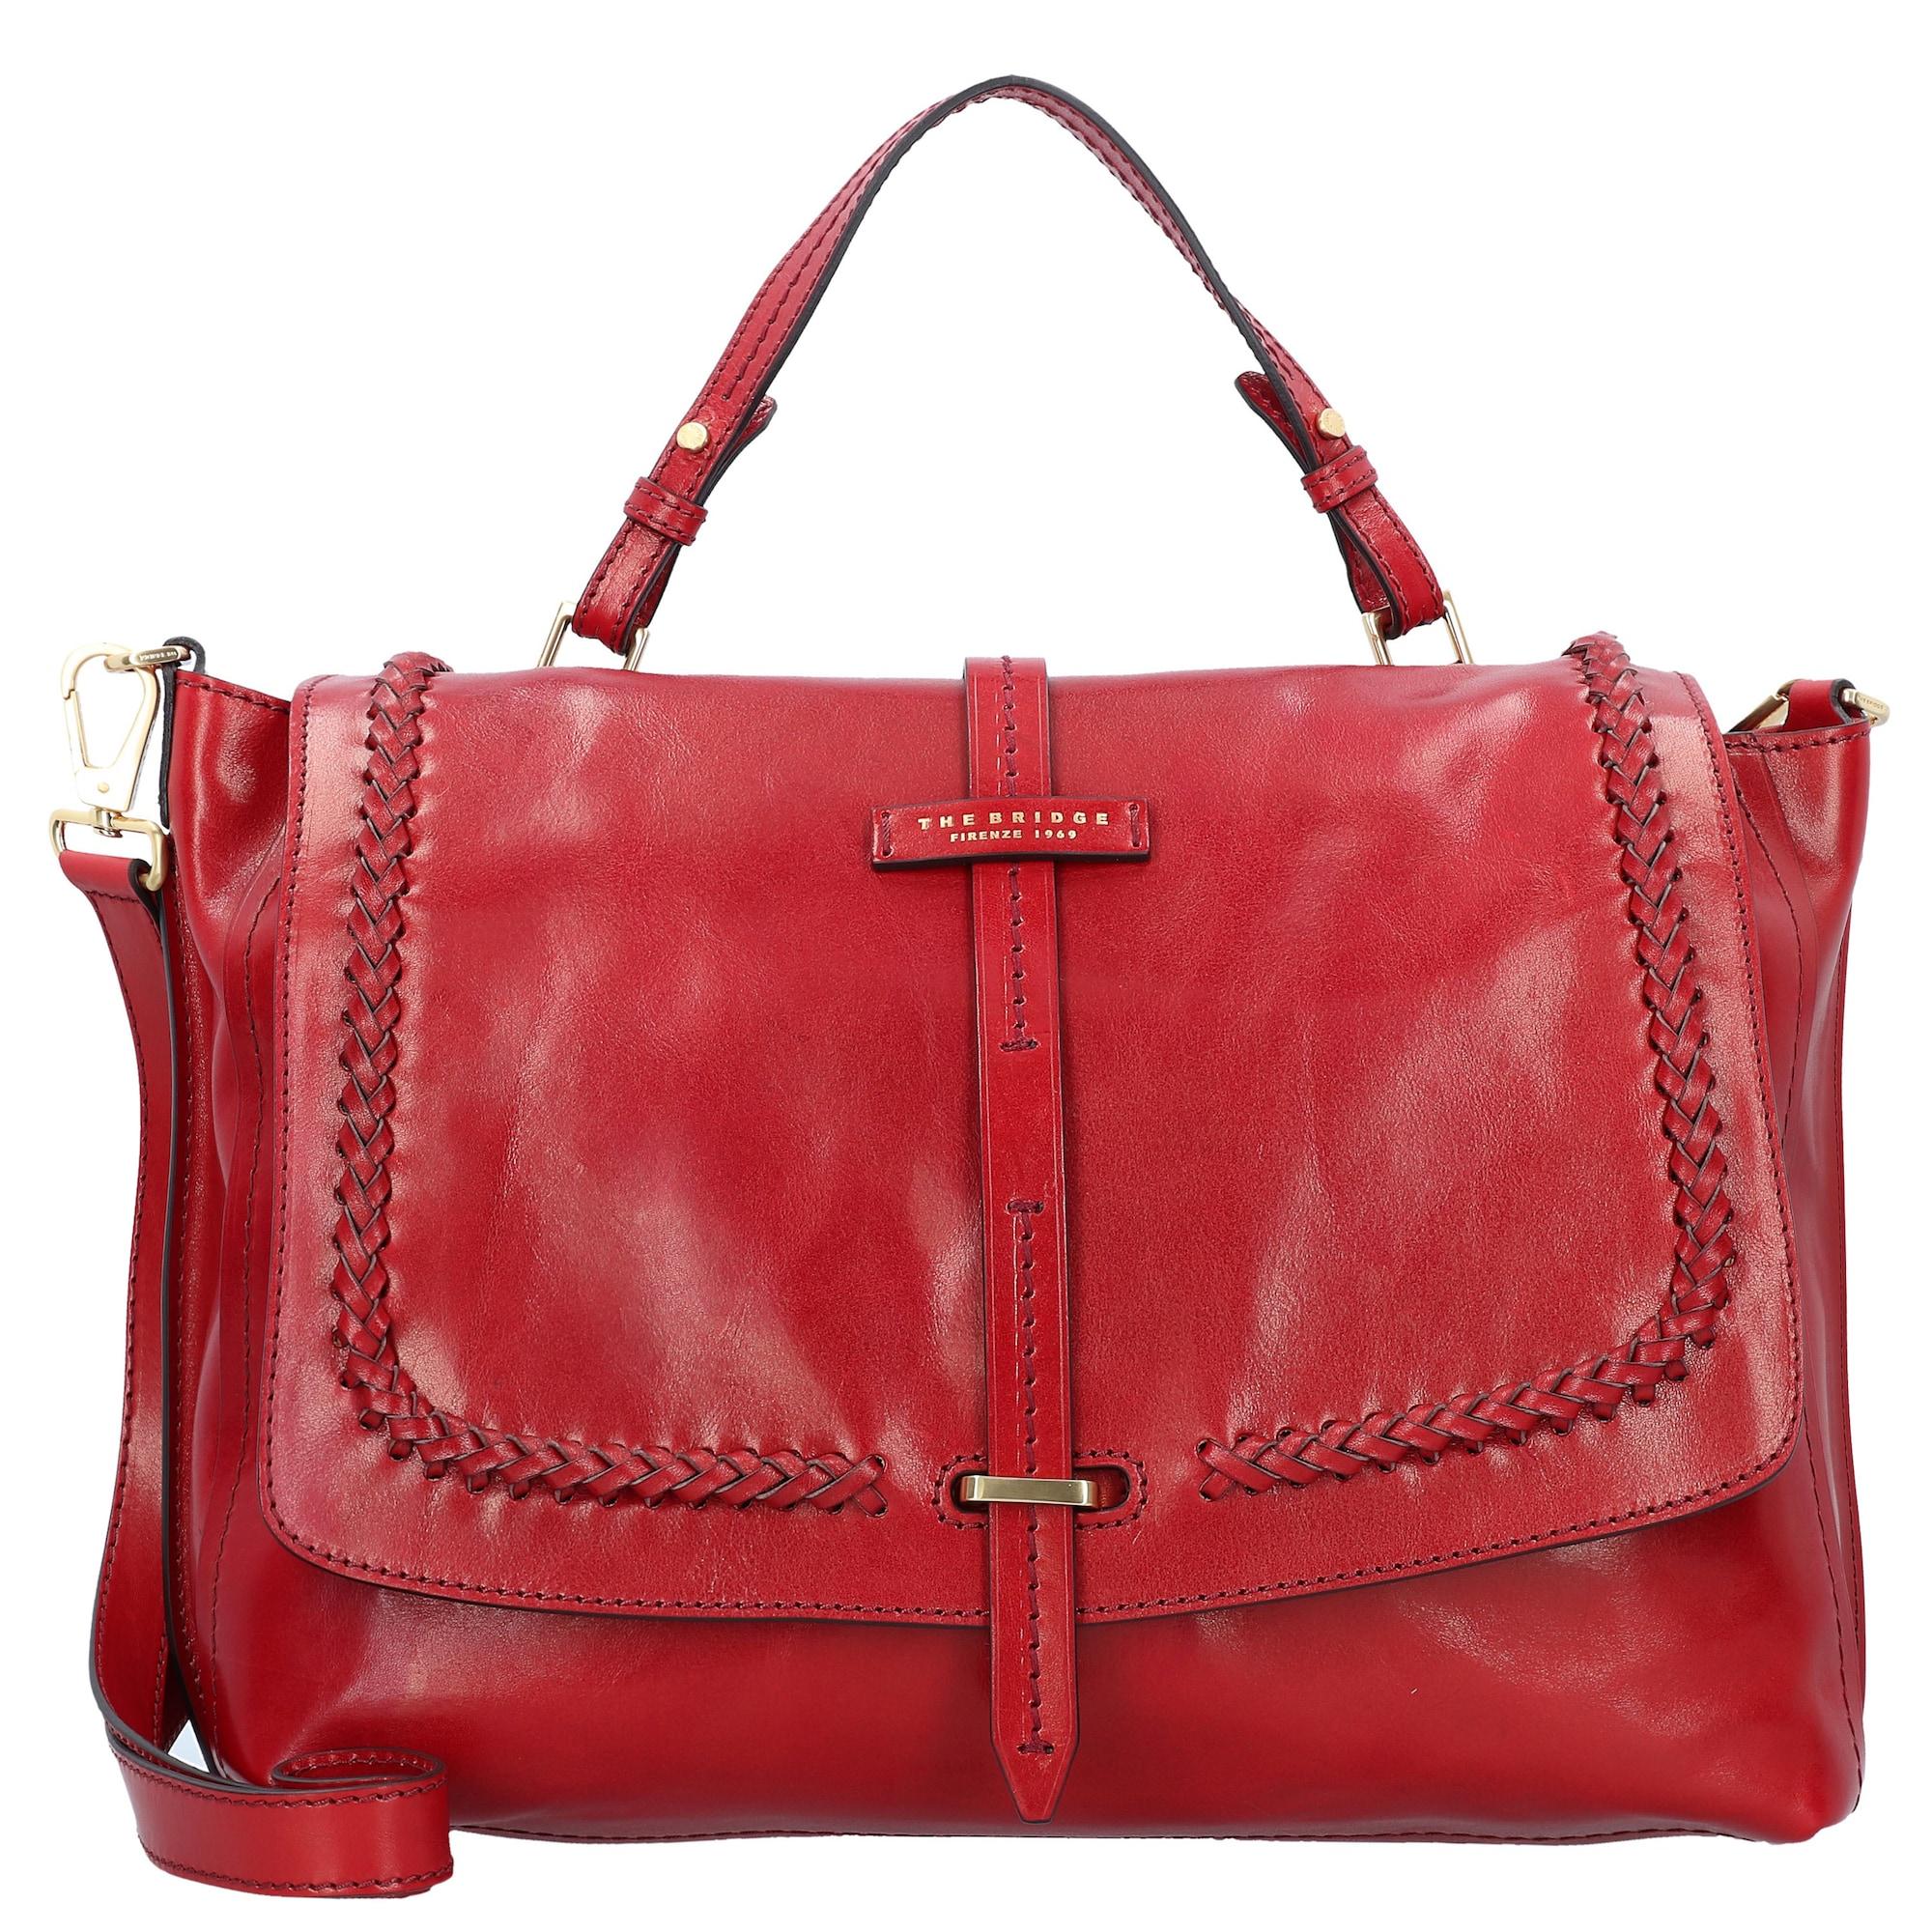 Handtasche 'Murakami'   Taschen > Handtaschen > Sonstige Handtaschen   Rot   The Bridge